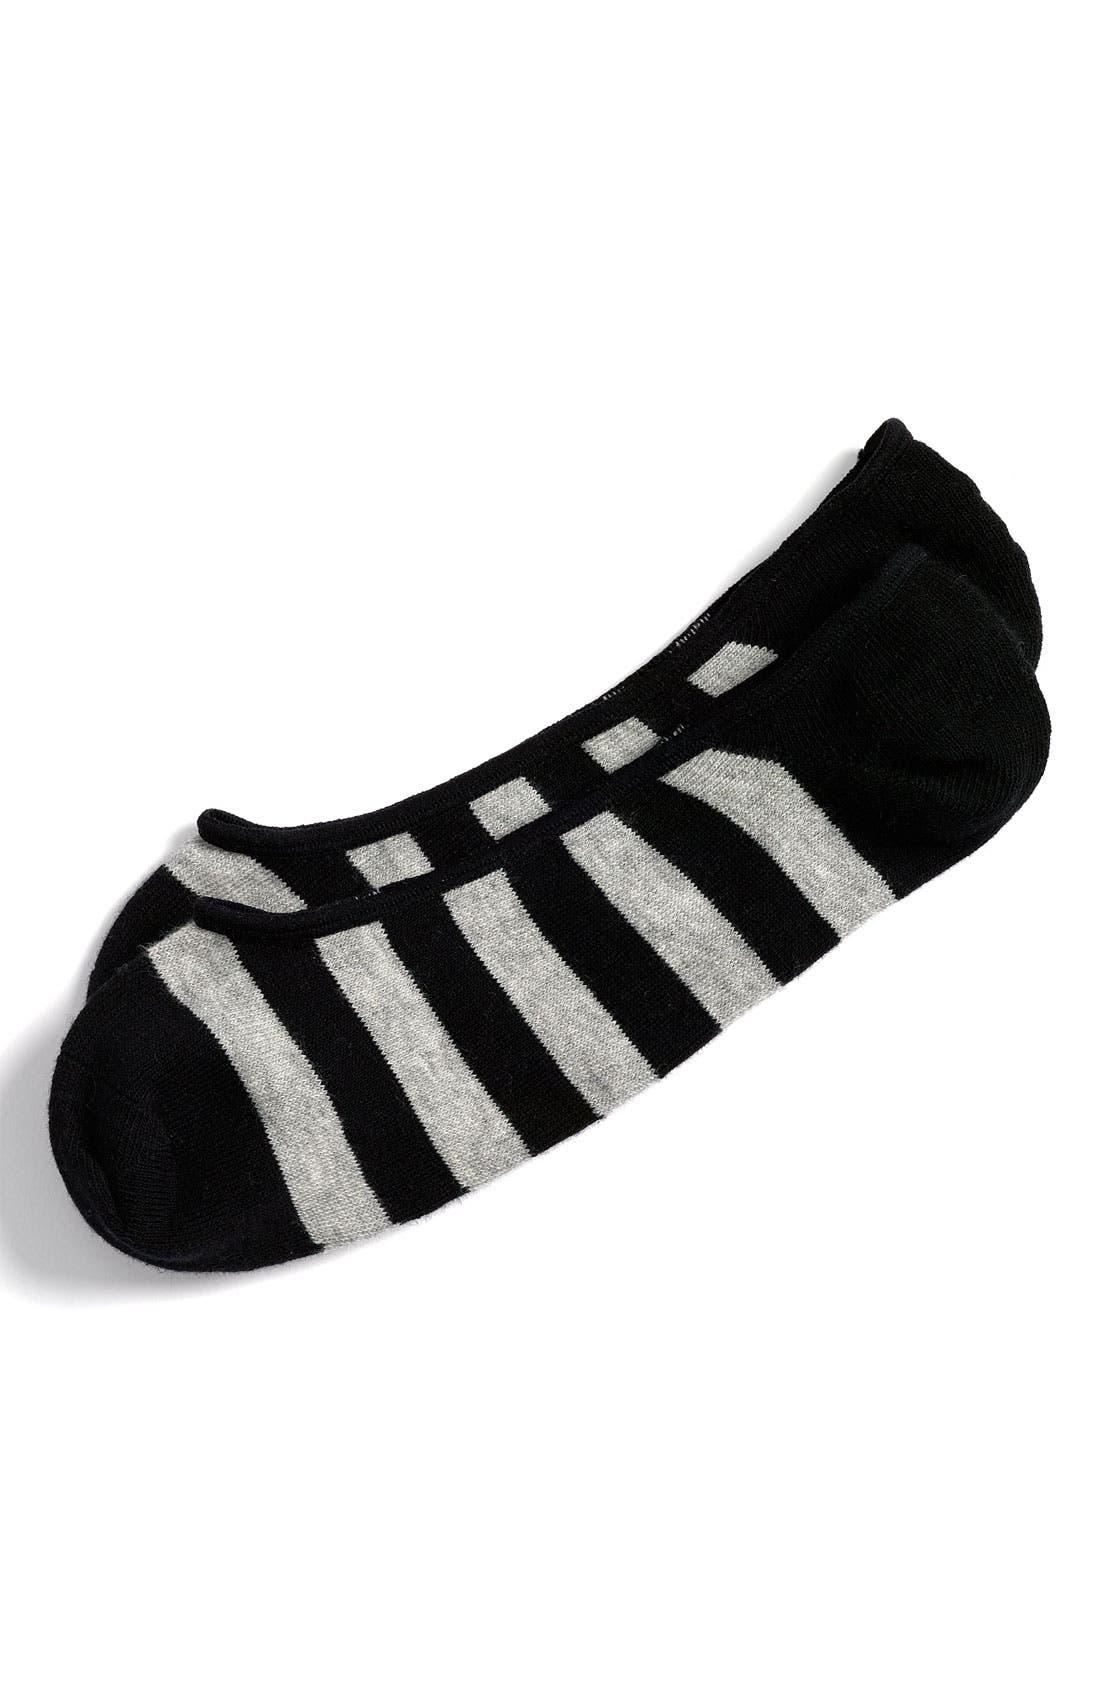 Main Image - 1901 'No Show' Liner Socks